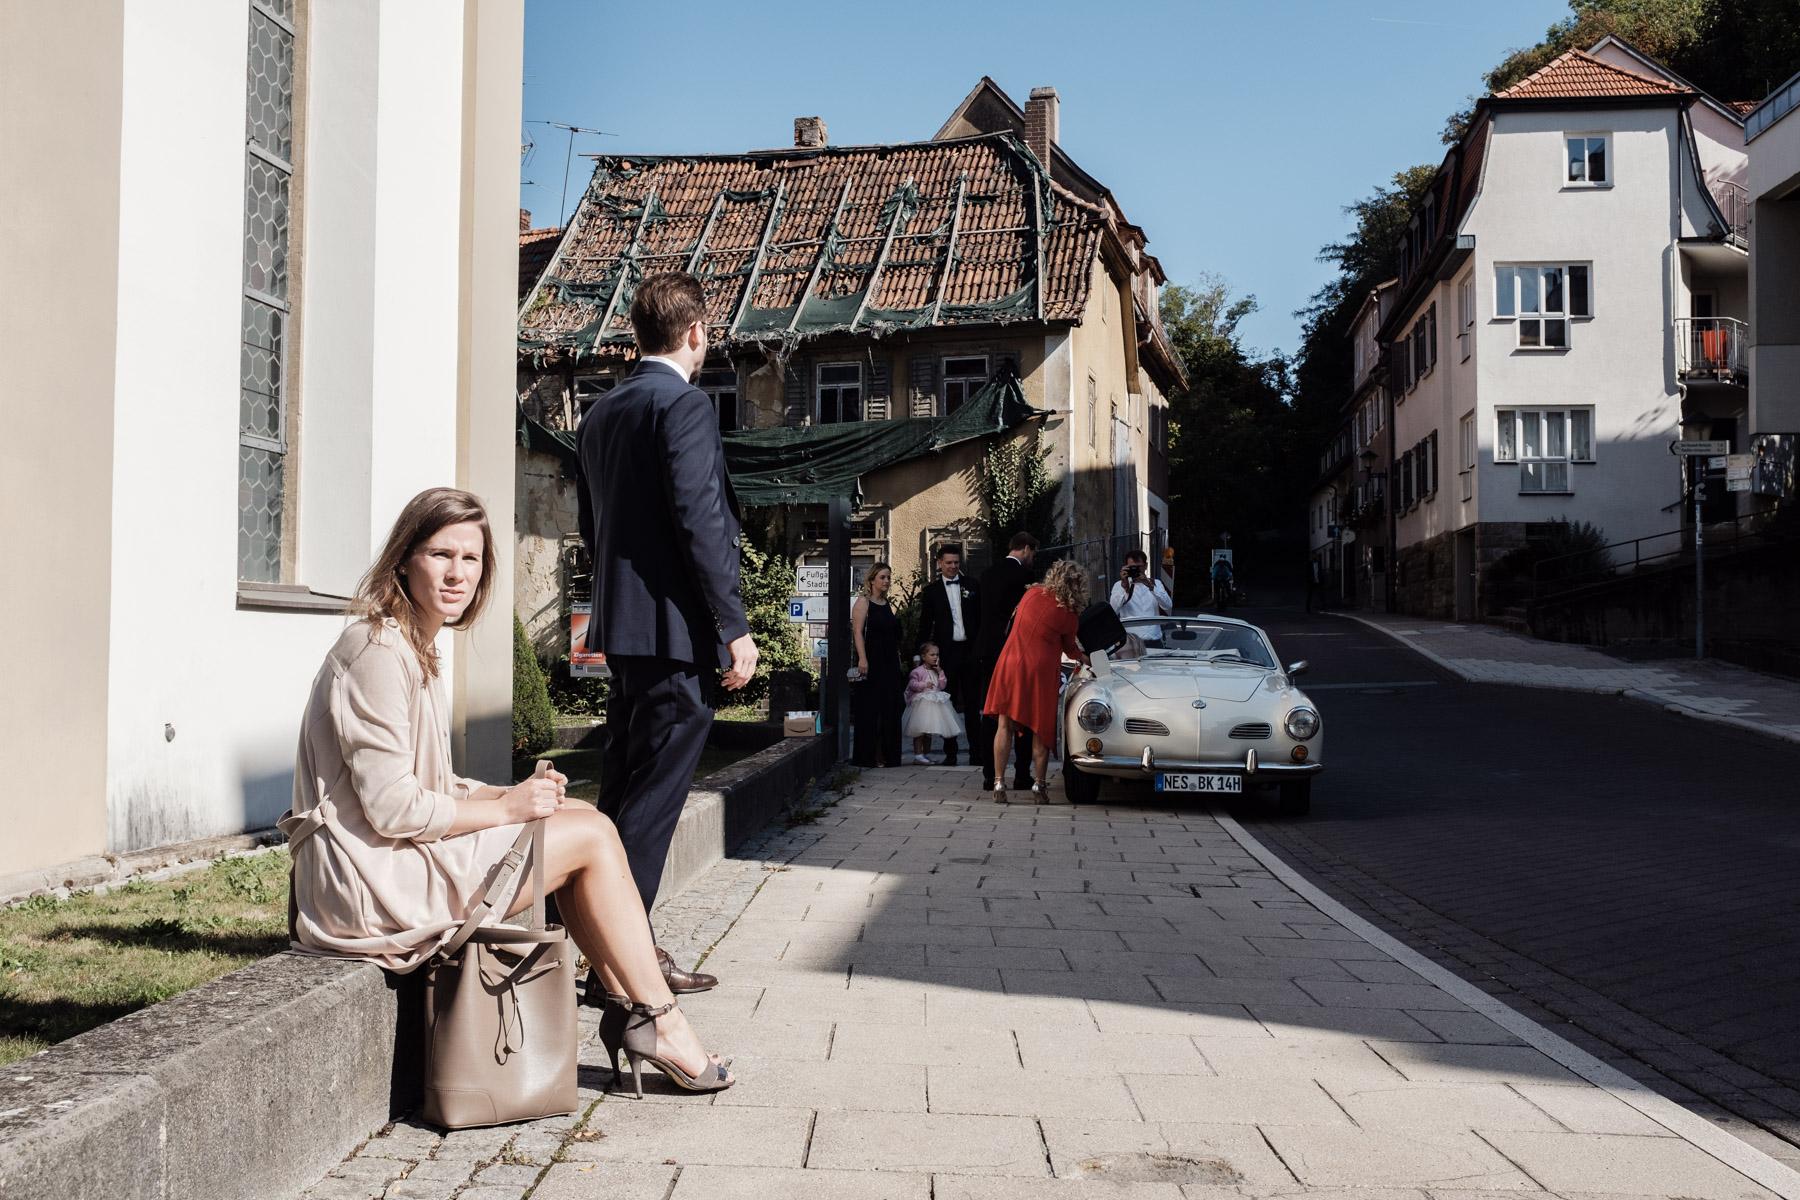 MartinLiebl_Kein_Hochzeitsfotograf_Blog_CWF_Bad_Neustadt_18.jpg